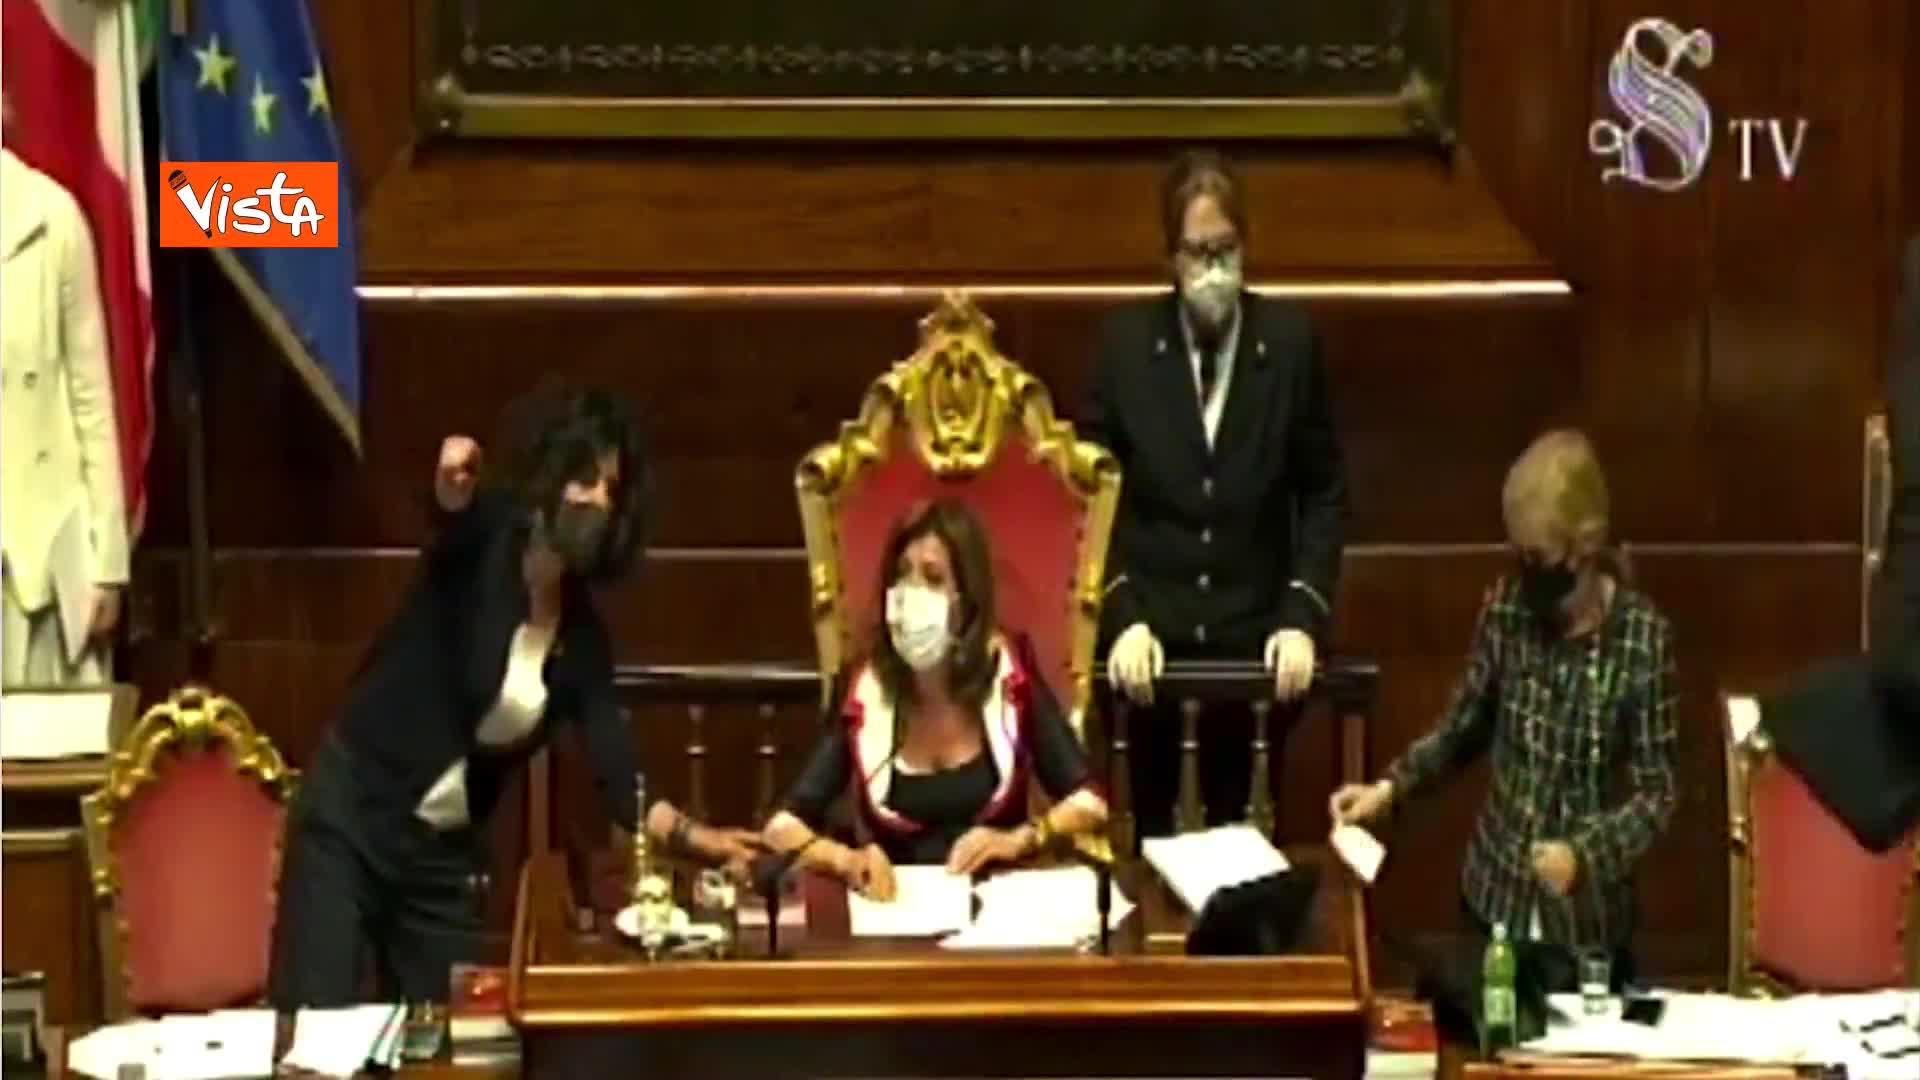 Elezioni, respinta proposta Calderoli per 3 voti, polemica su presenze in Aula, scoppia la bagarre